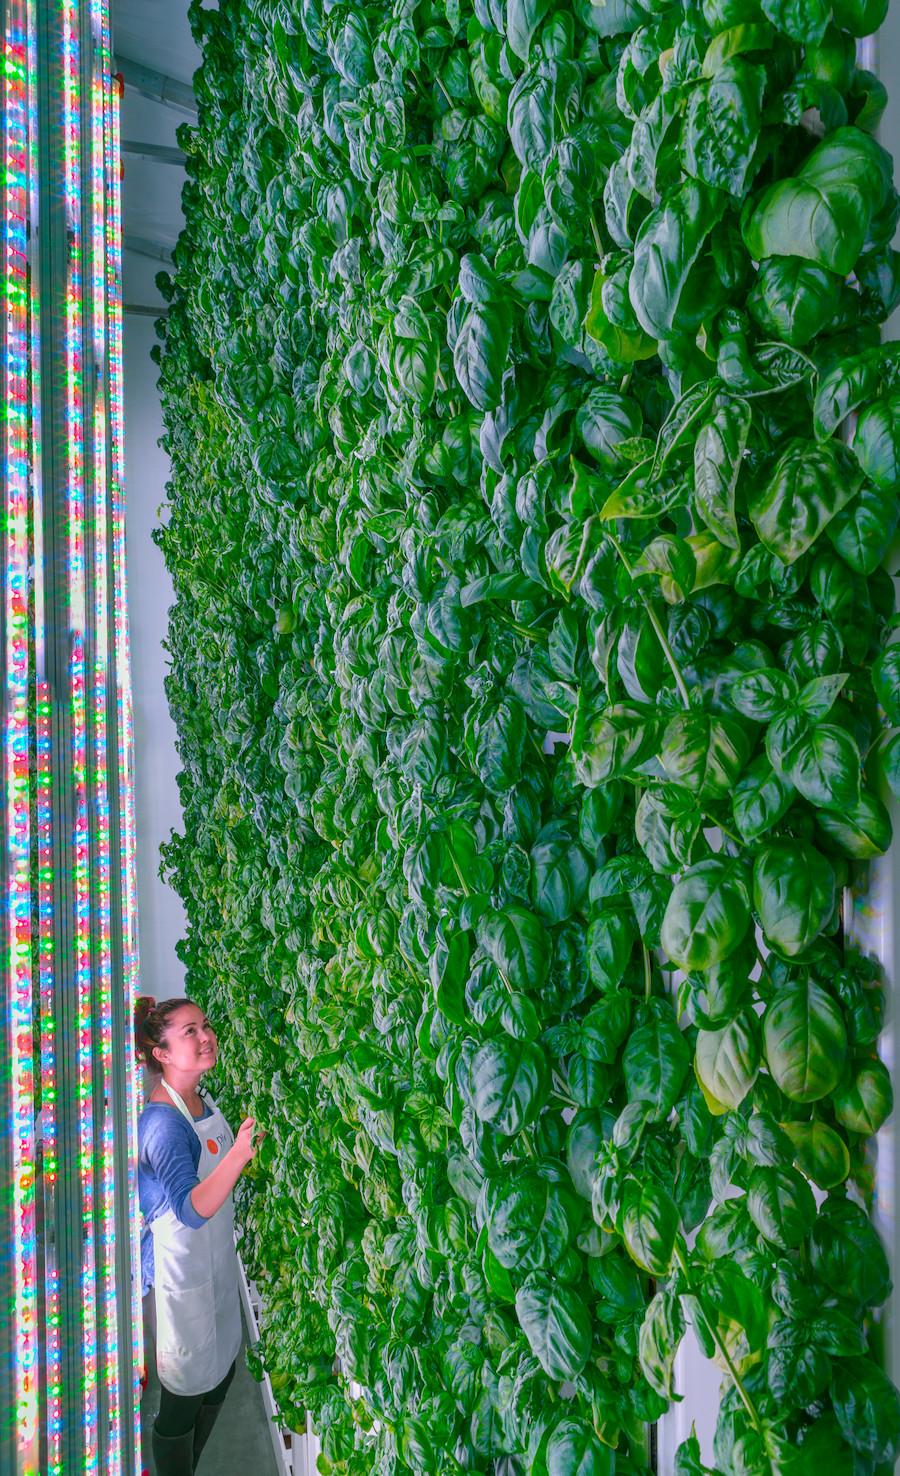 Fazenda vertical da Plenty